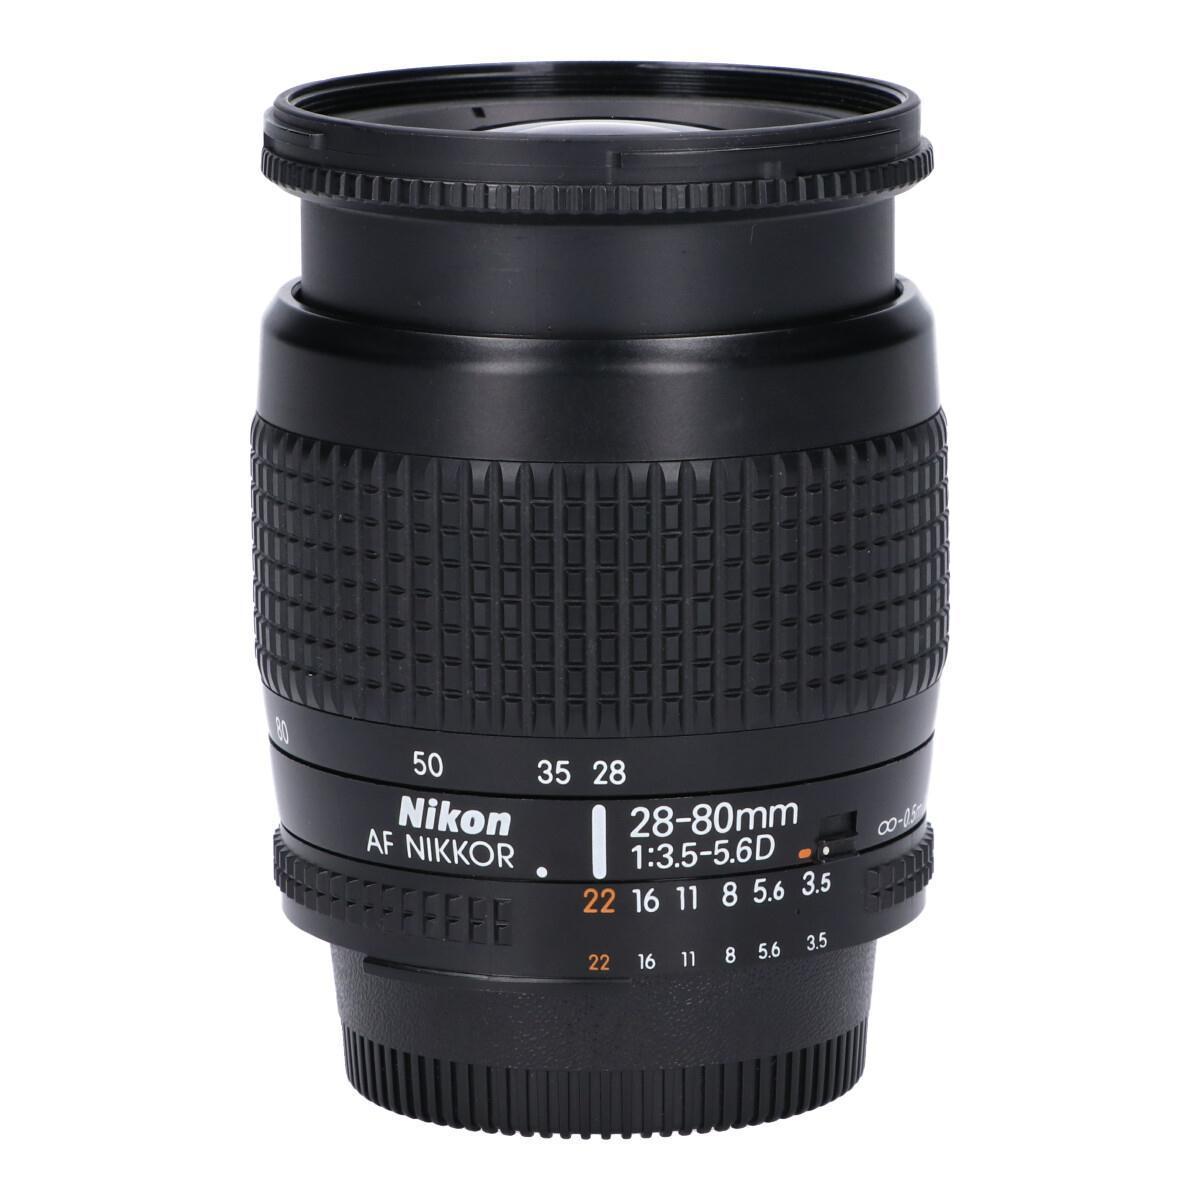 NIKON AF28-80mm F3.5-5.6D